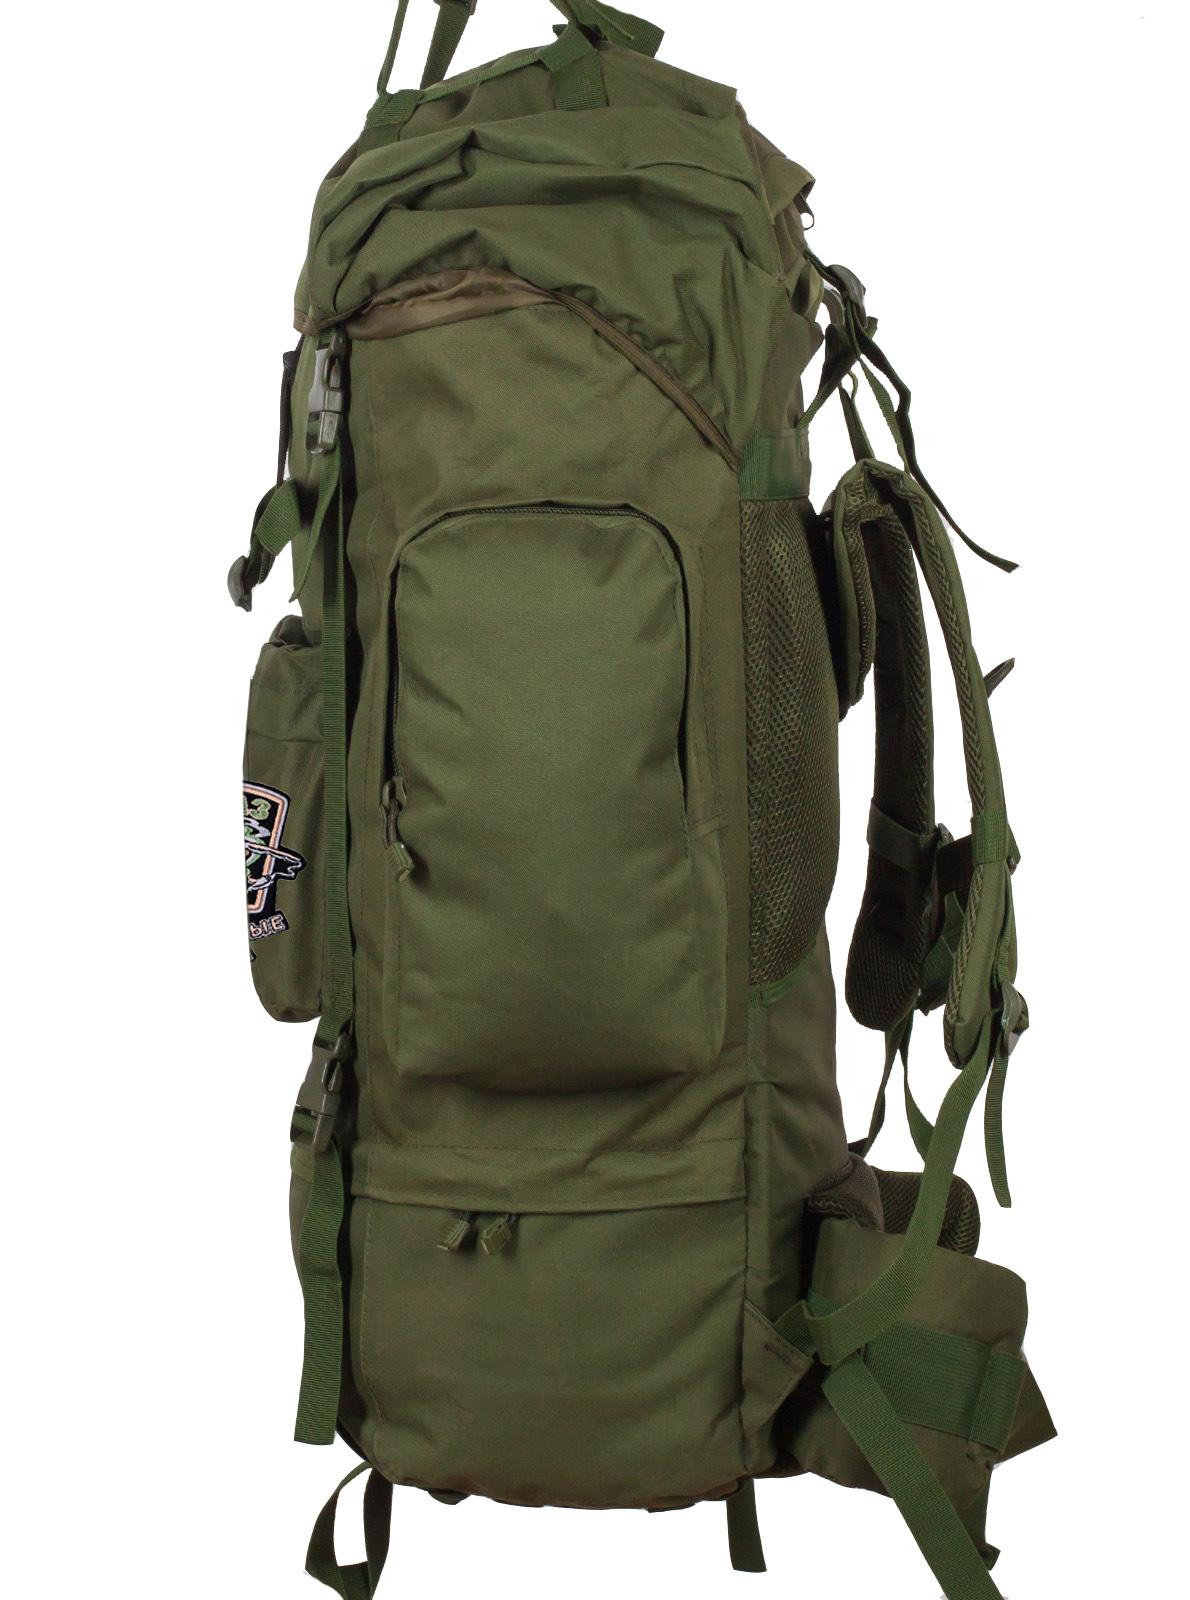 Тактический рюкзак цвета хаки с нашивкой Охотничий спецназ купить оптом